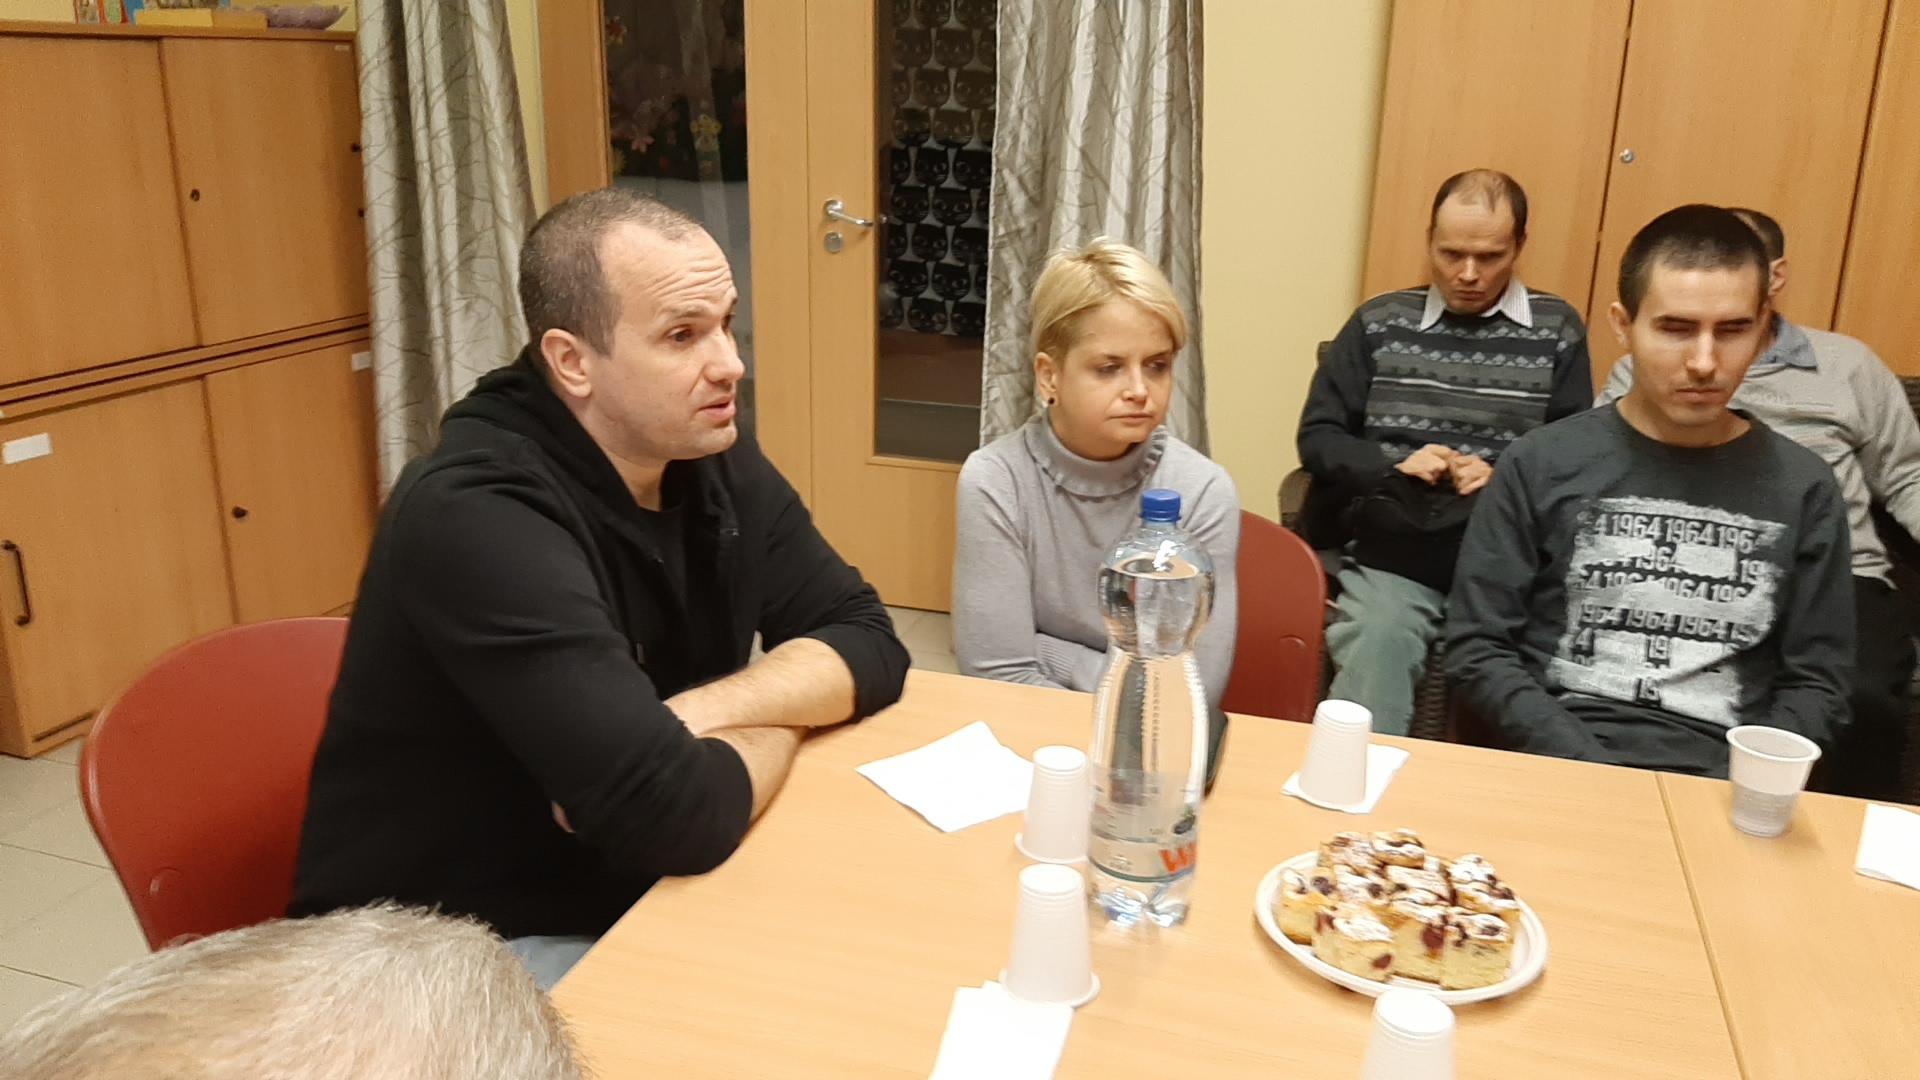 A képen Rádi Anna és Benke Richárd, az Ügyfélszolgálat munkatársai láthatók